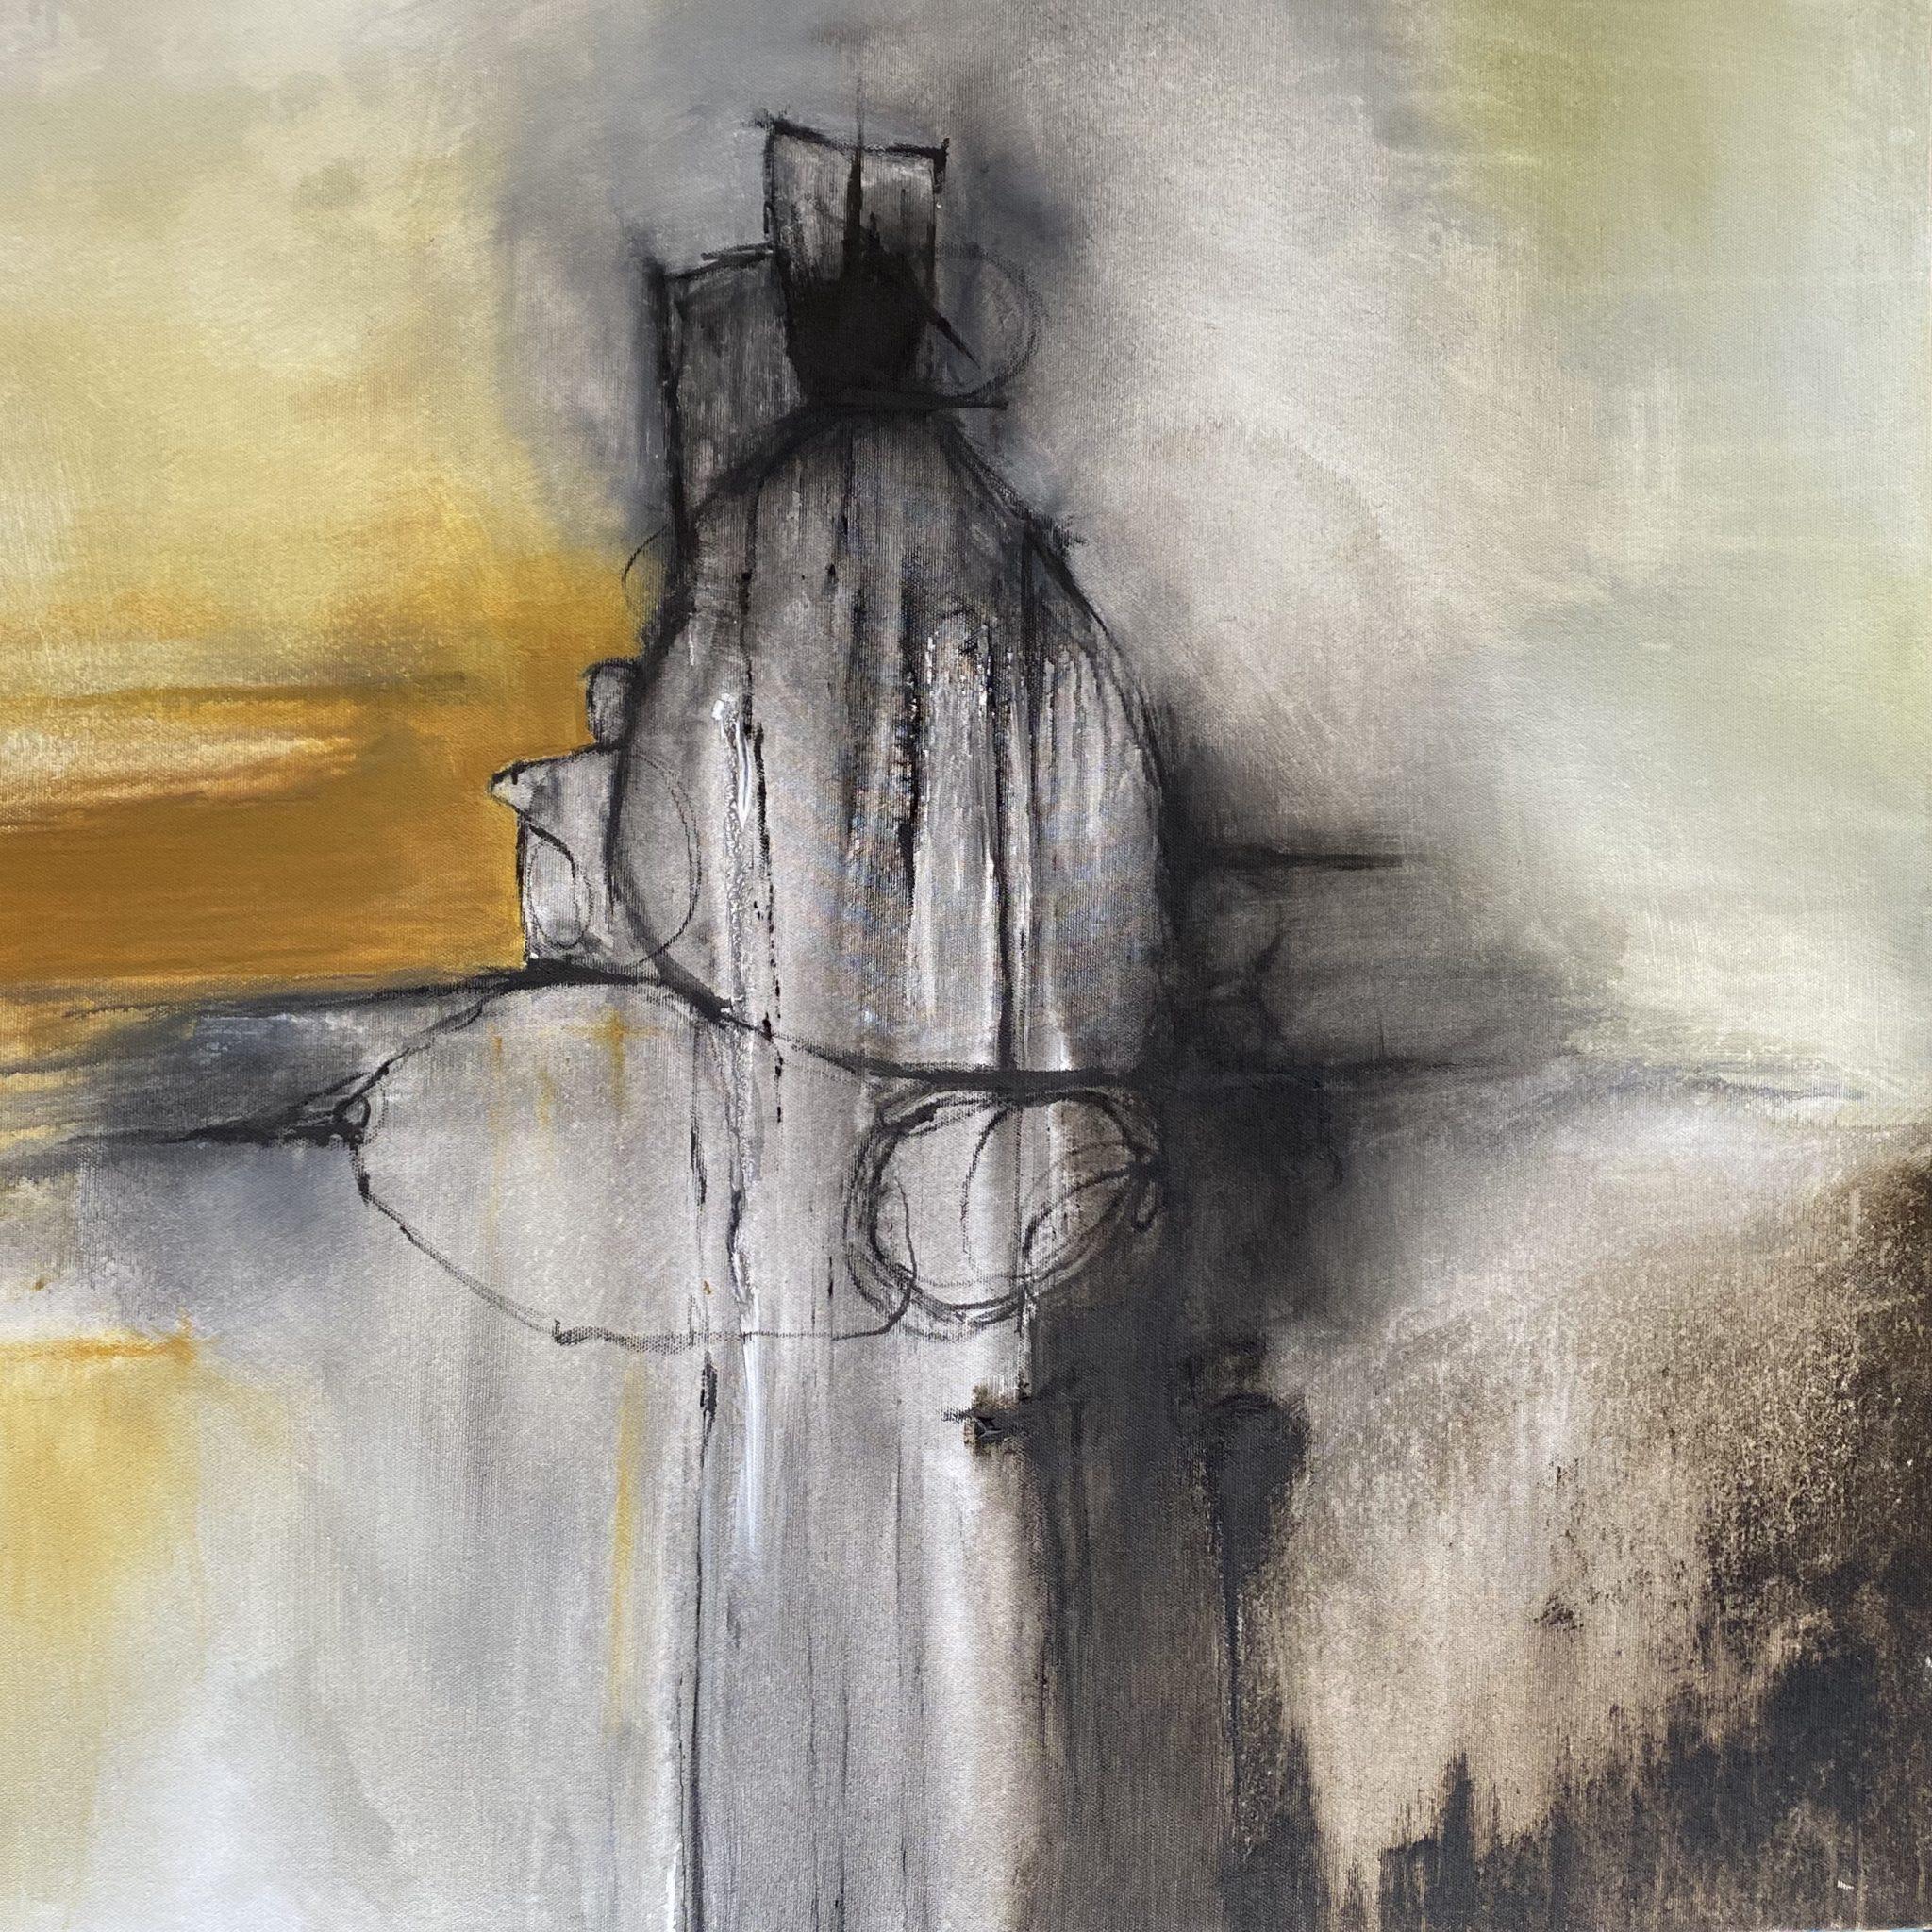 quadro astratto ocra nero giallo